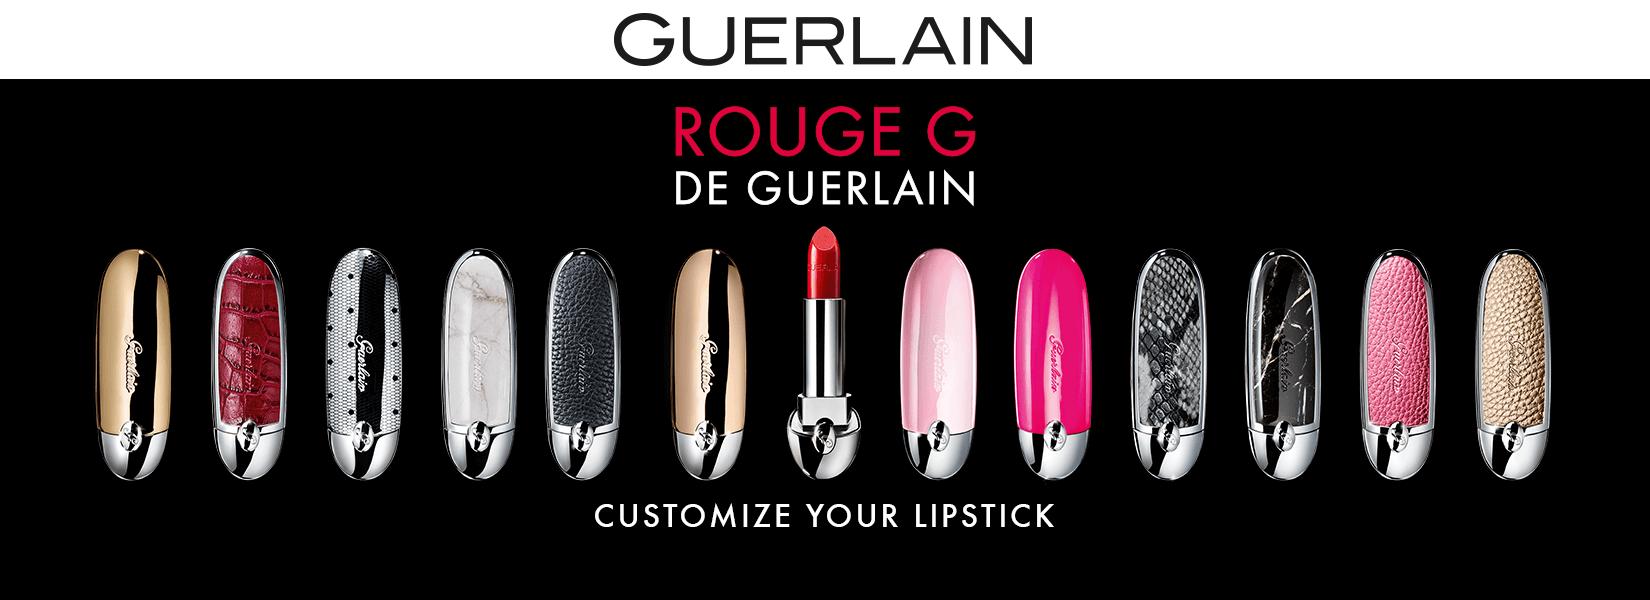 Guerlain Rouge G